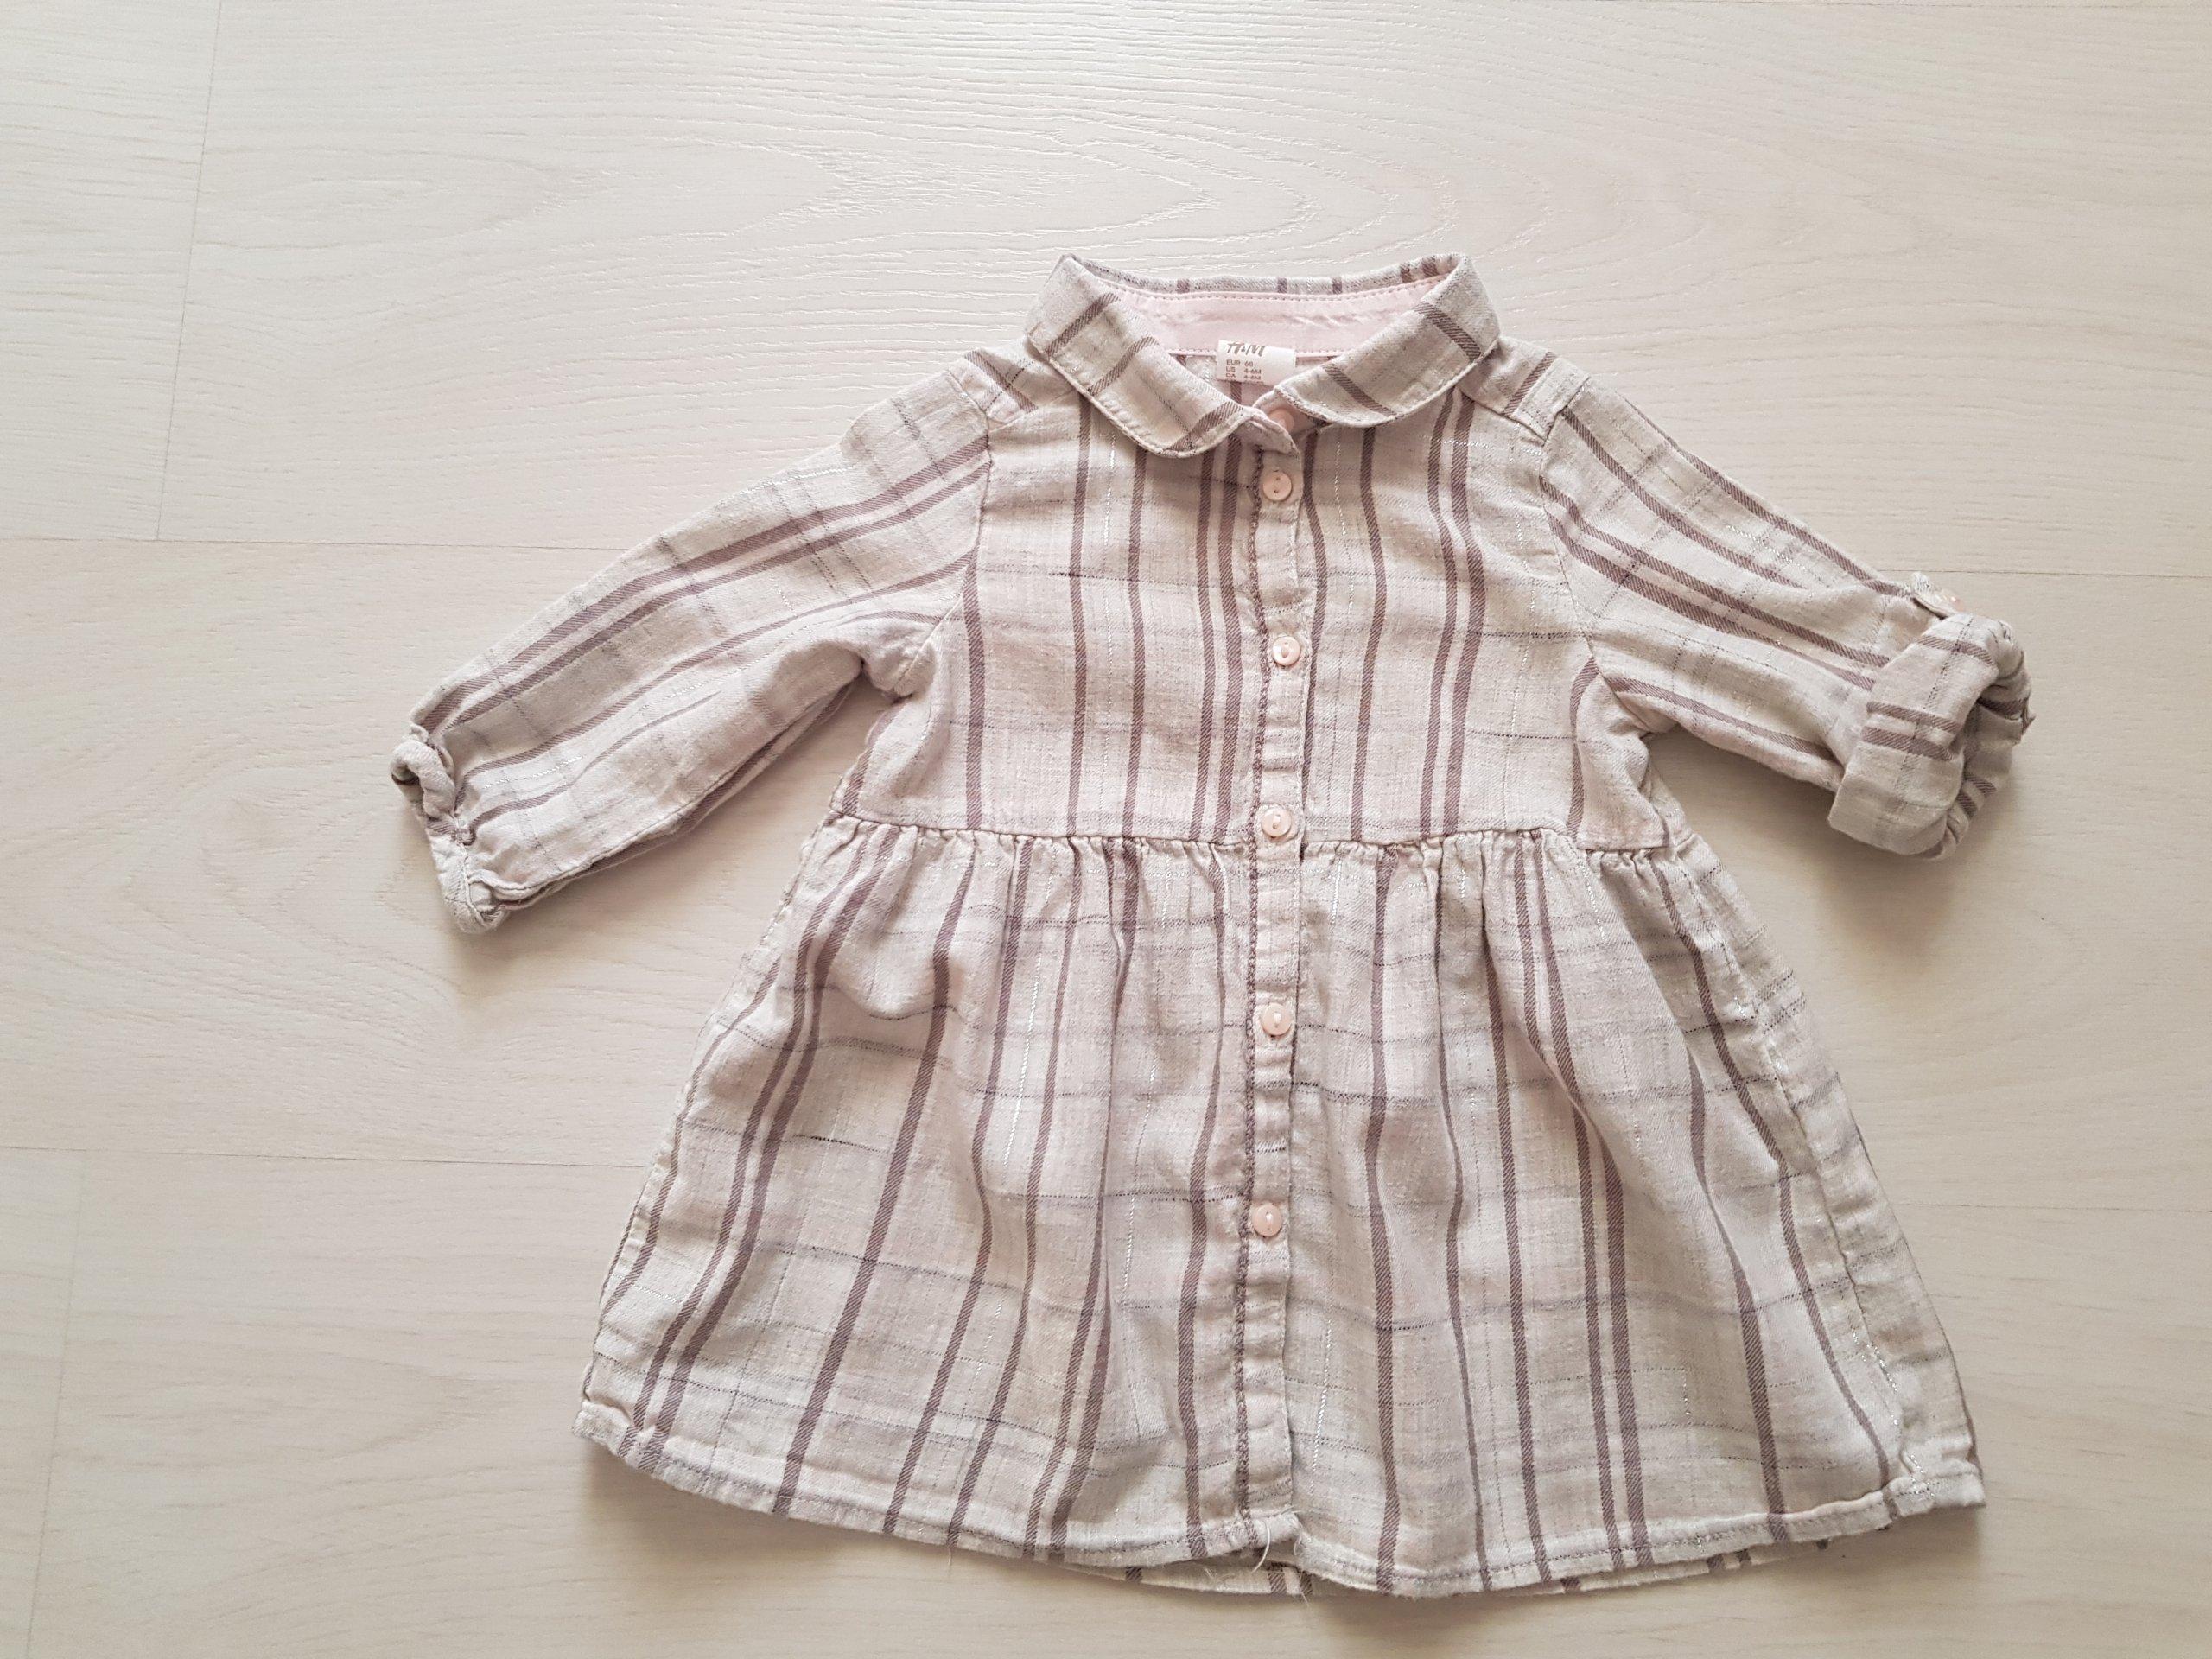 cf81782f9a sukienka koszula HM 68 pudrowy róż bdb - 7060532728 - oficjalne ...